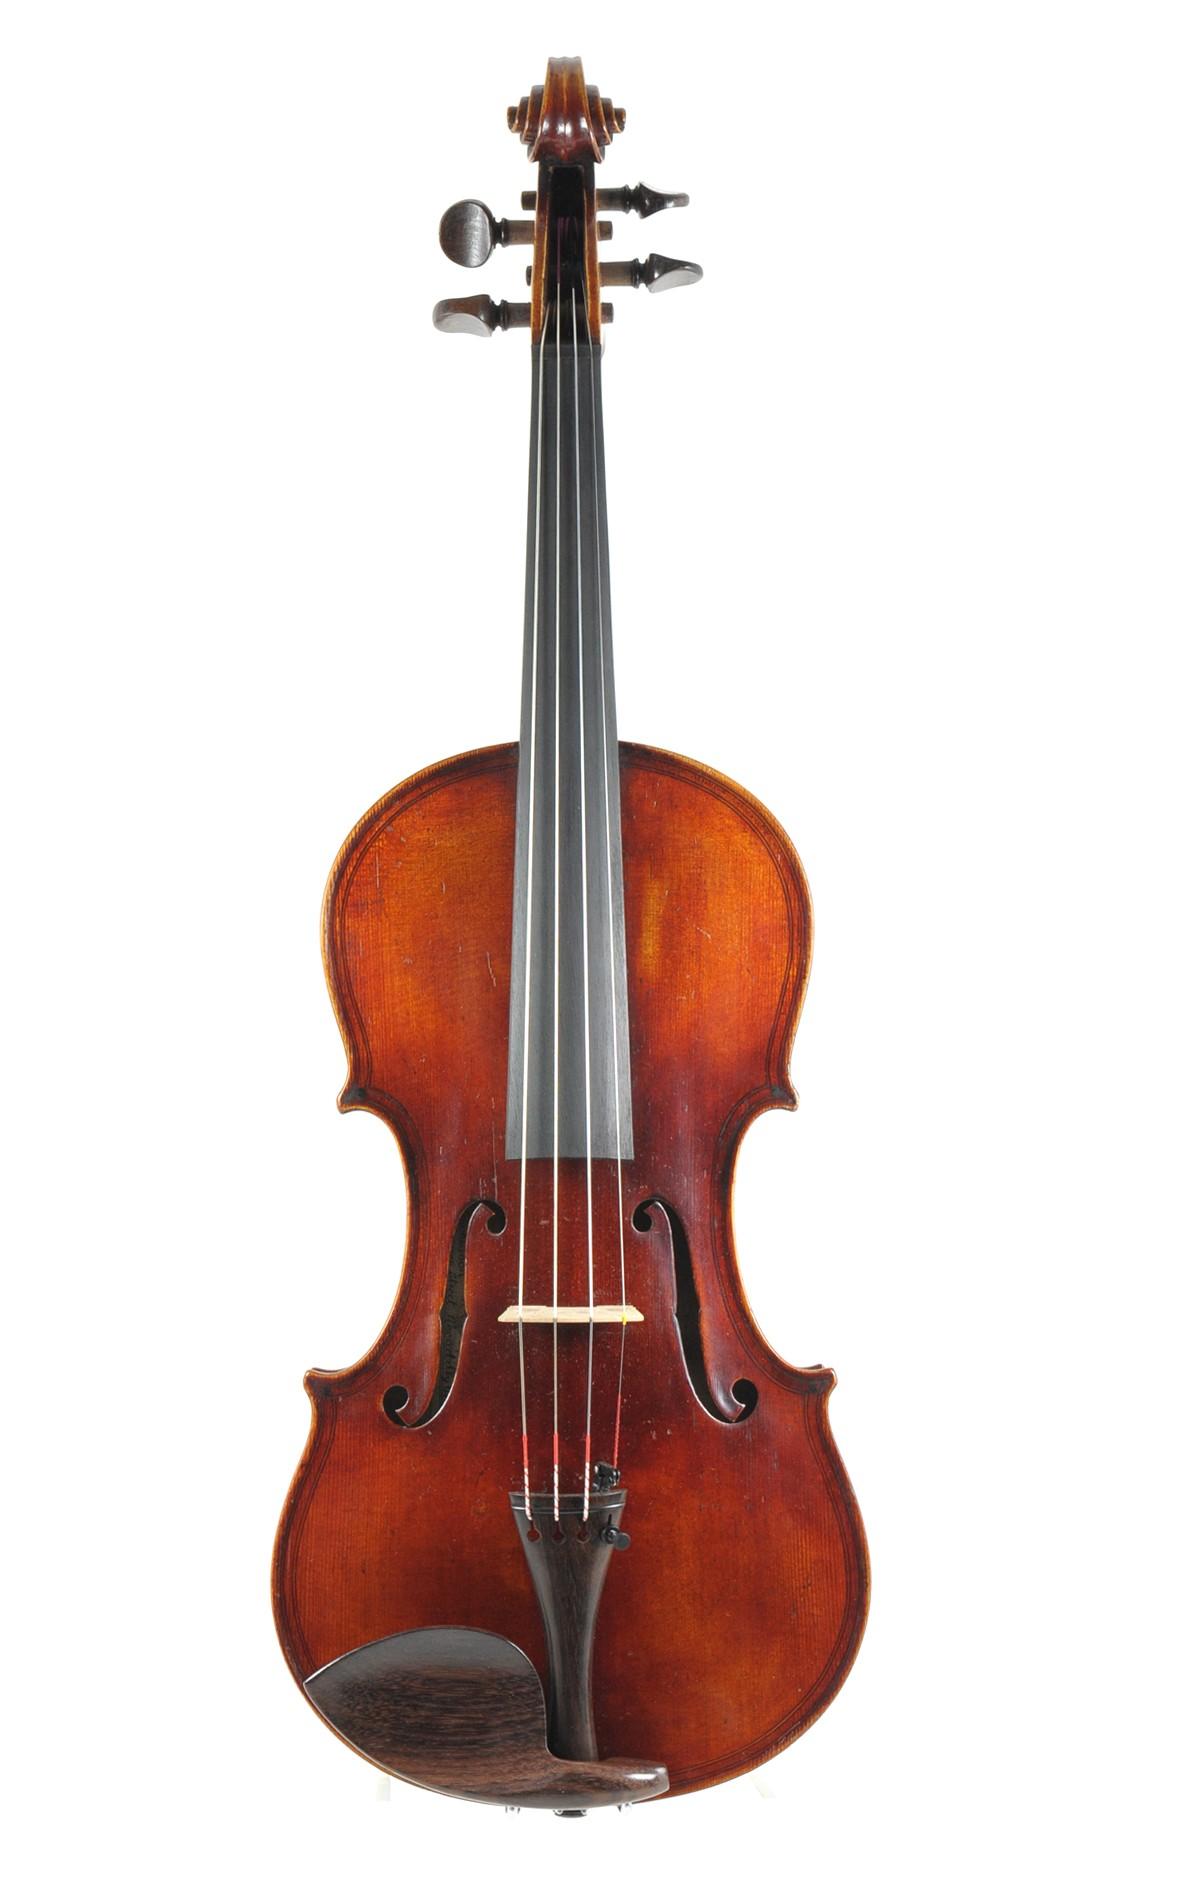 Maggini violin by Hawkes & Sons, around 1920